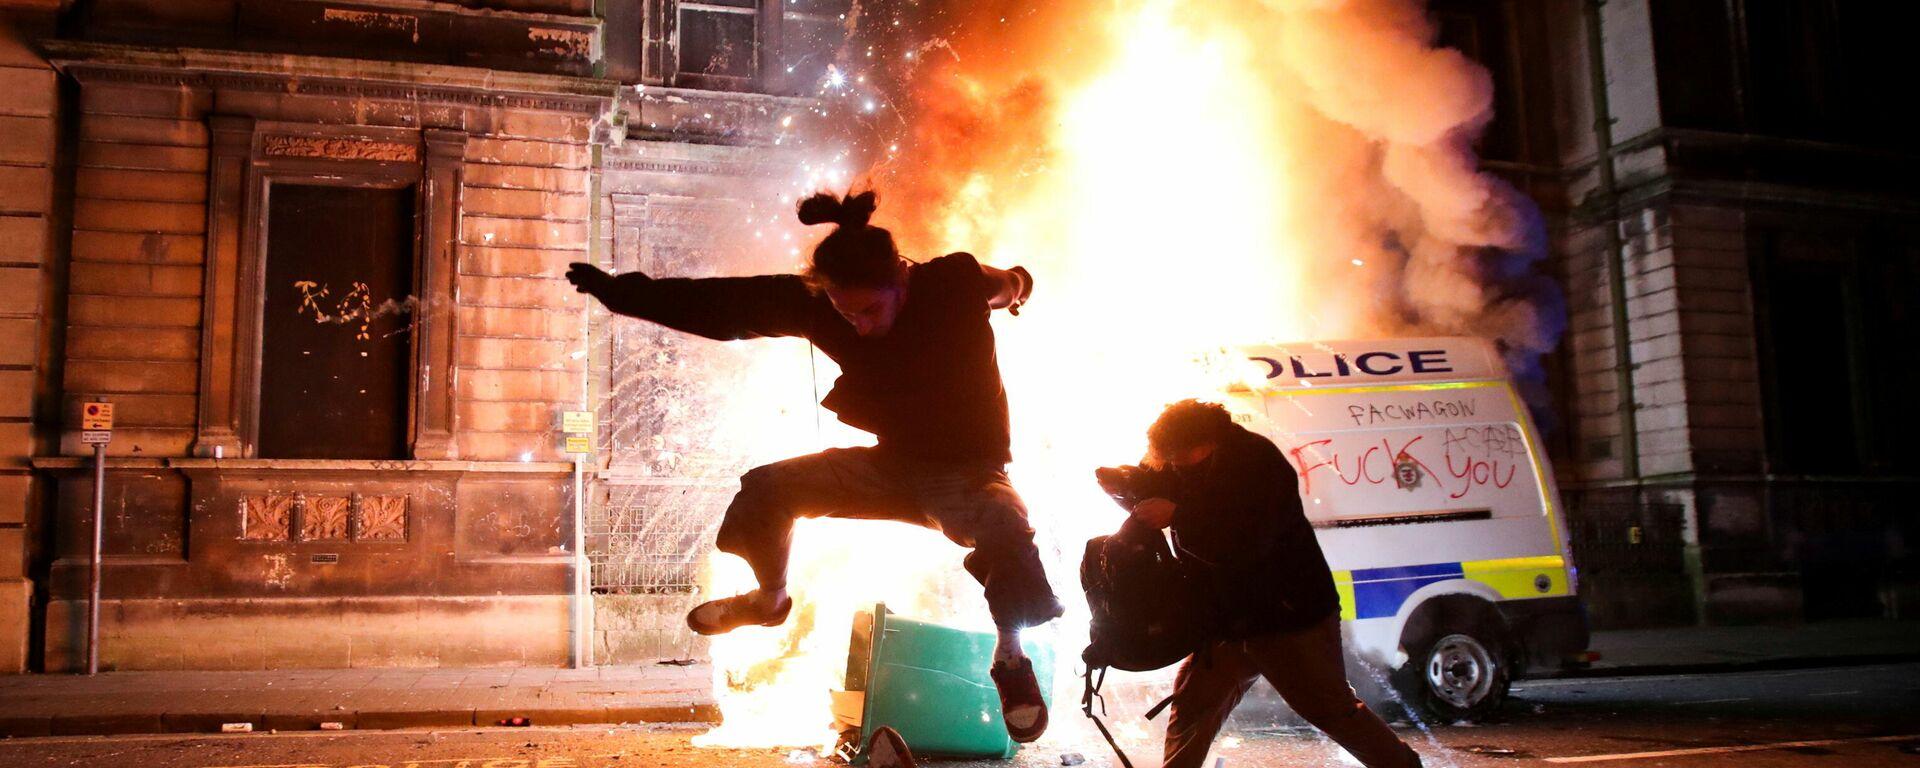 Демонстрант катается на скейтборде перед горящей полицейской машиной во время акции протеста в Бристоле, Великобритания - Sputnik Mundo, 1920, 28.03.2021